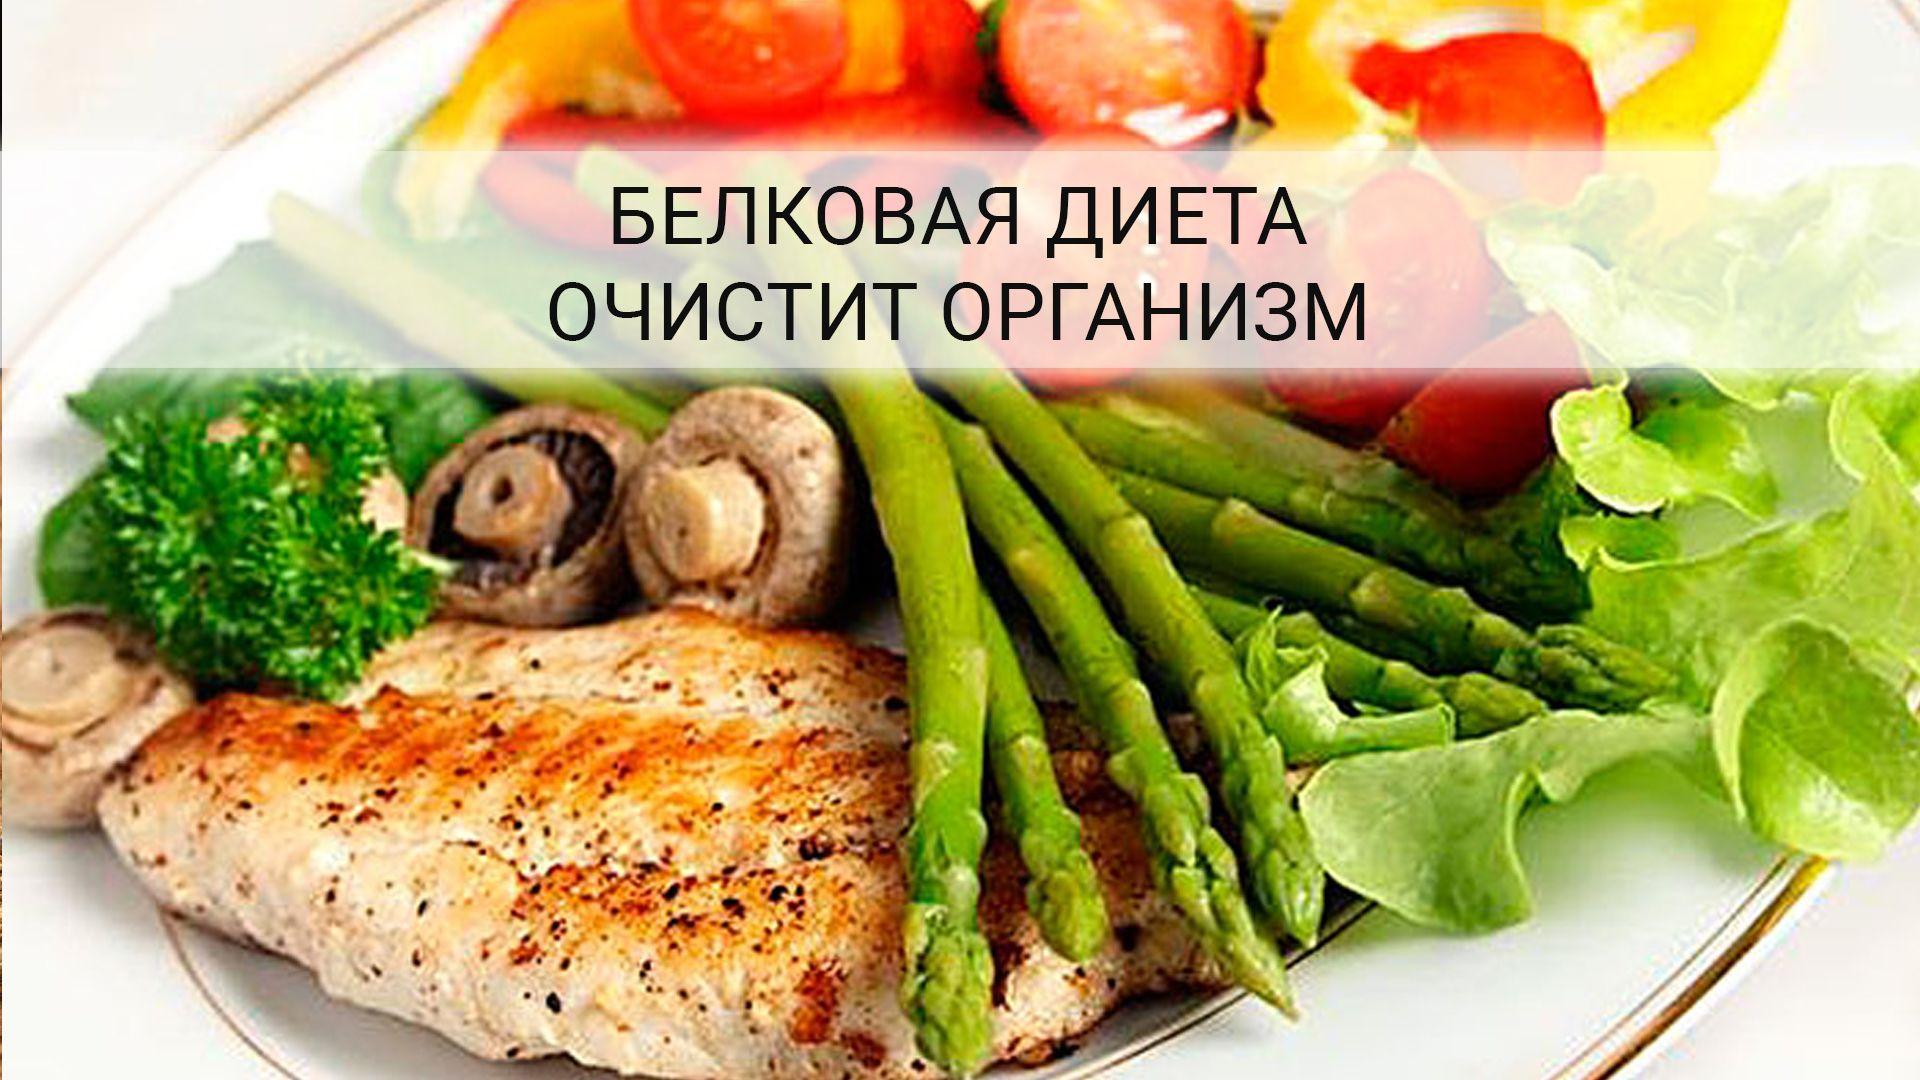 Белковая Диета Это Что. Меню для быстрого похудения на белковой диете, польза и противопоказания